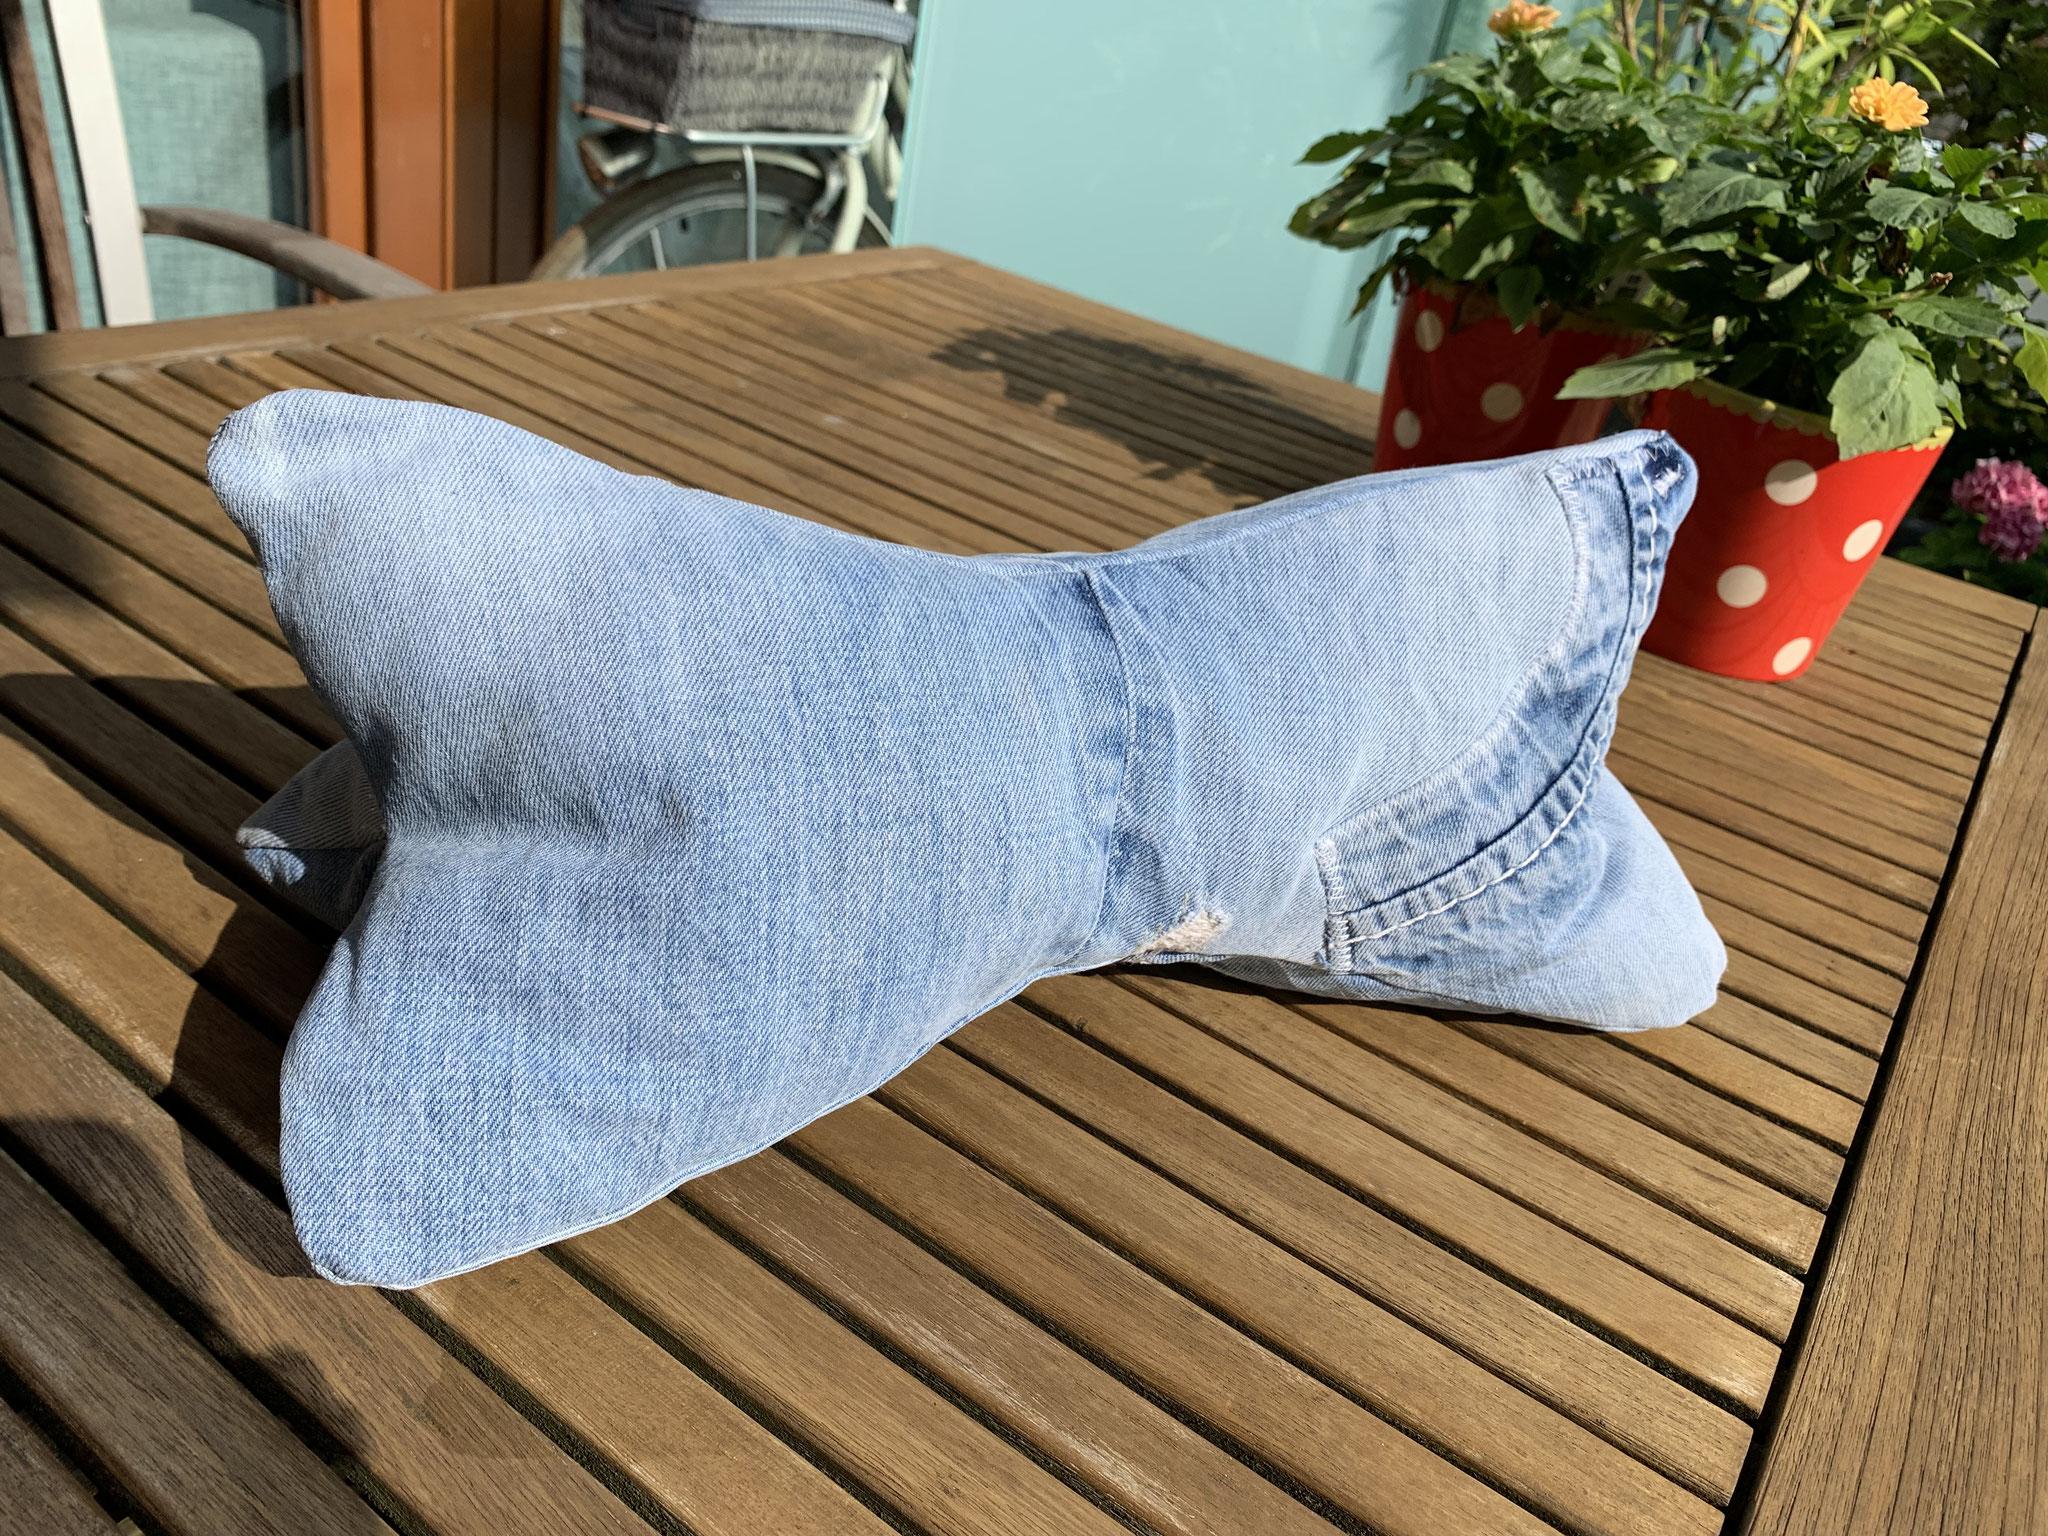 Kissenknochen aus alten Jeans  25,00 Euro